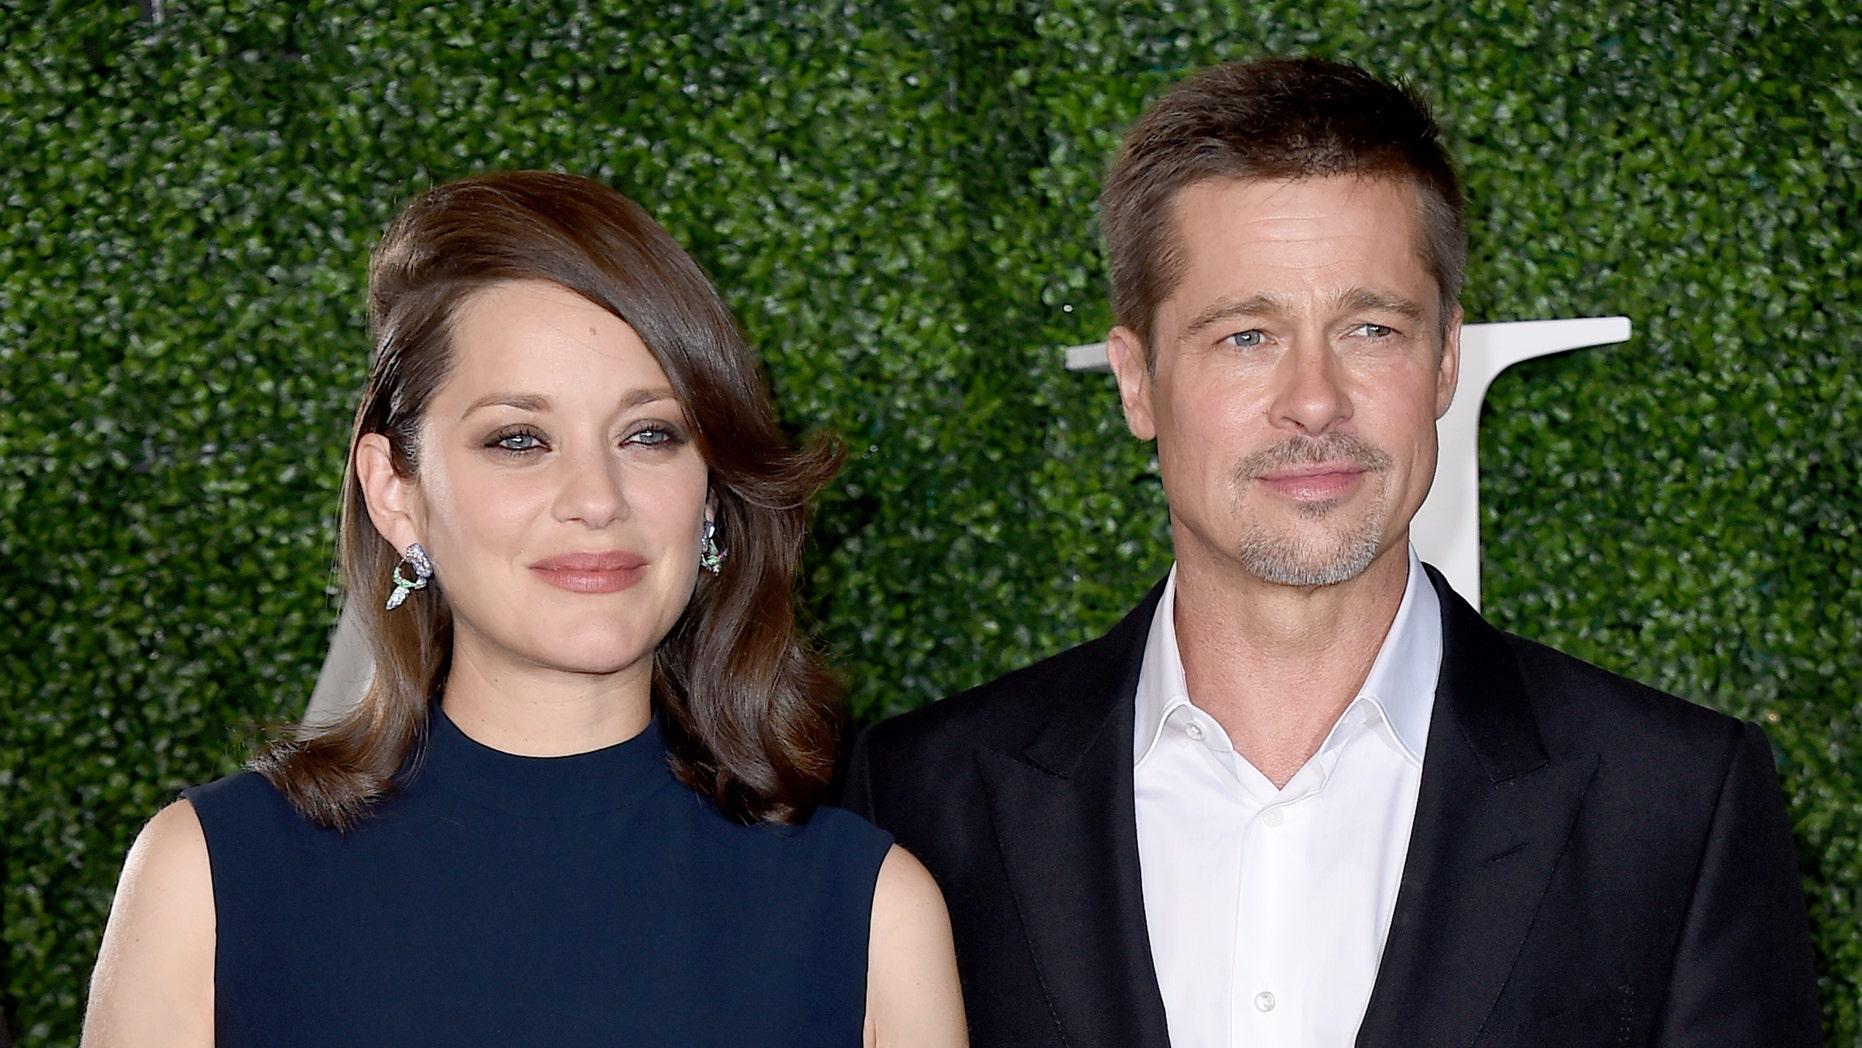 Marion Cotillard Admits Sex Scenes With Brad Pitt Were Awkward